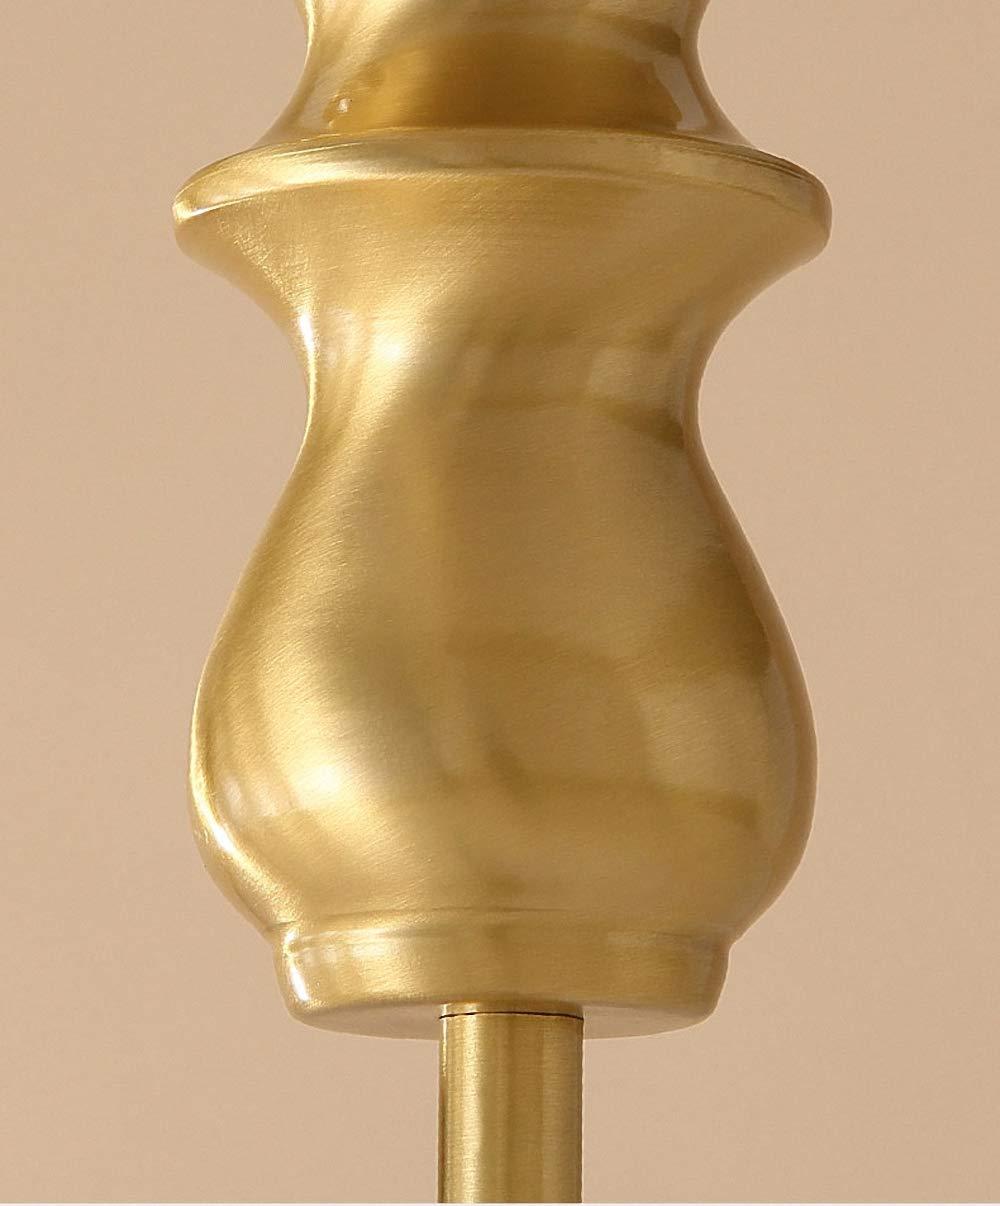 激安正規 格物 真鍮 アメリカンスタイル 布の笠 E27電球 ...